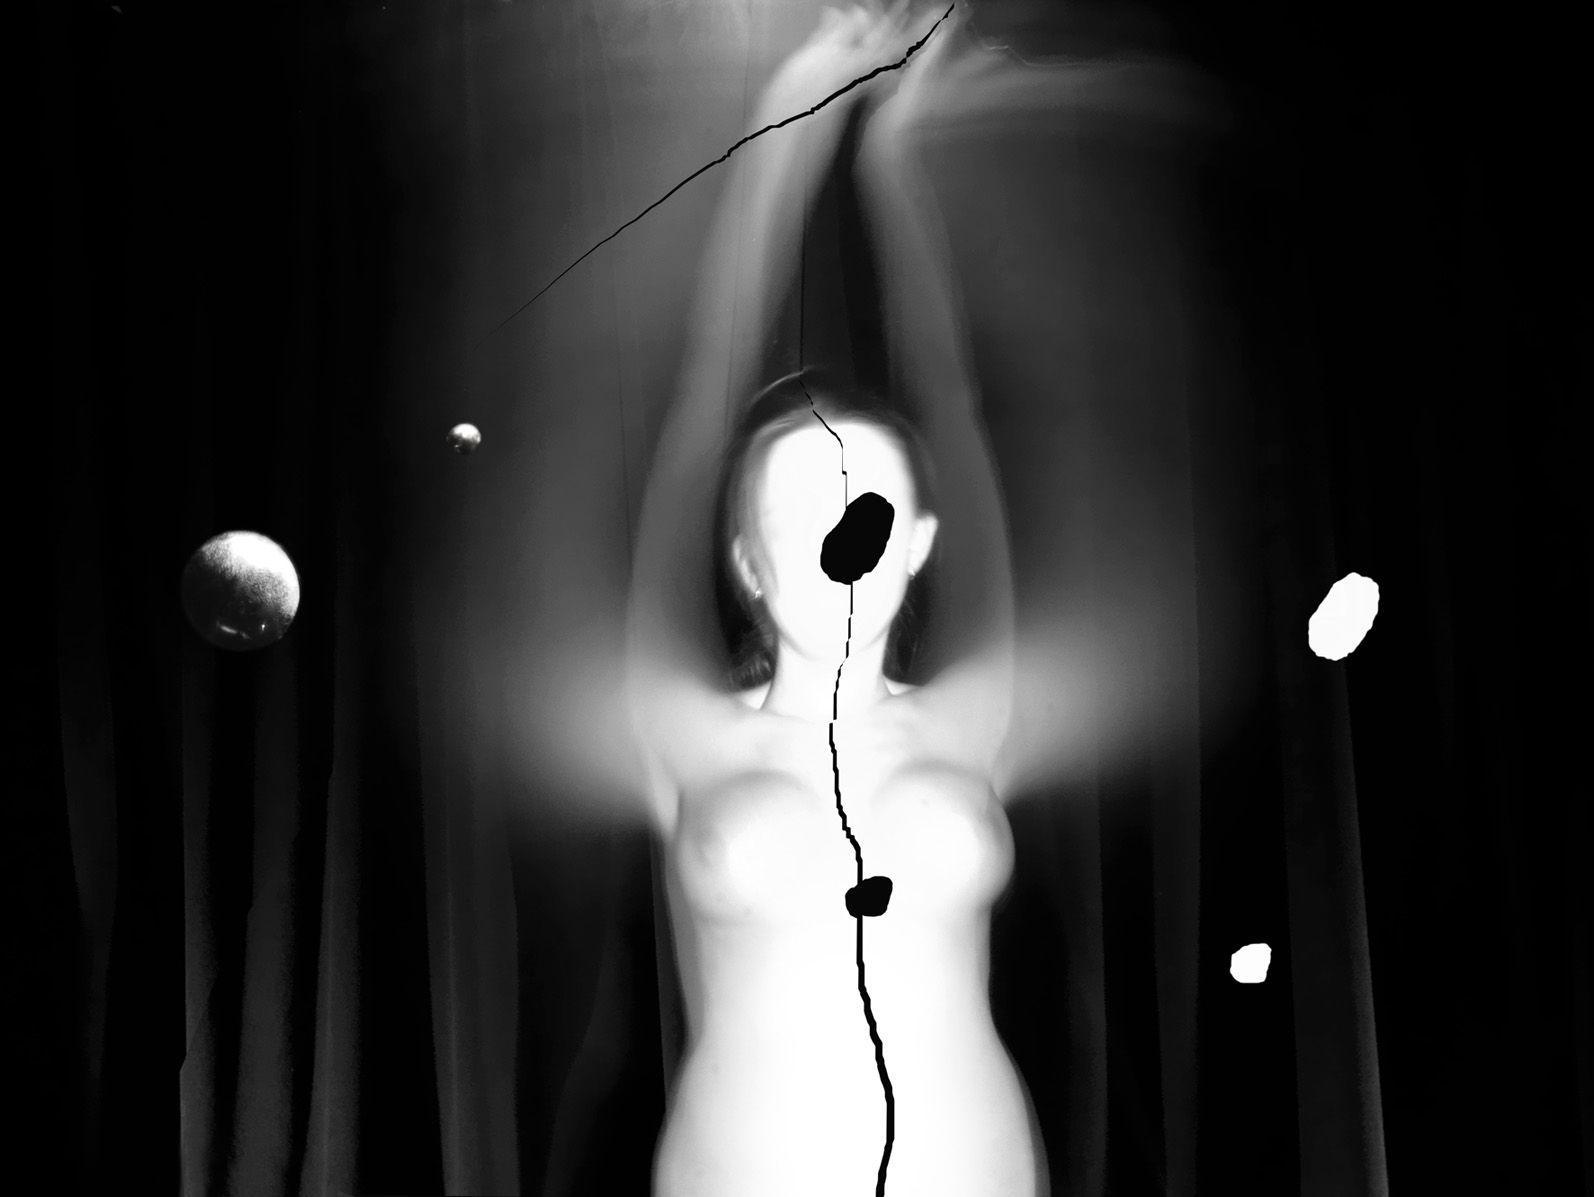 david+lynch.jpg (JPEG-Grafik, 1594×1197 Pixel)